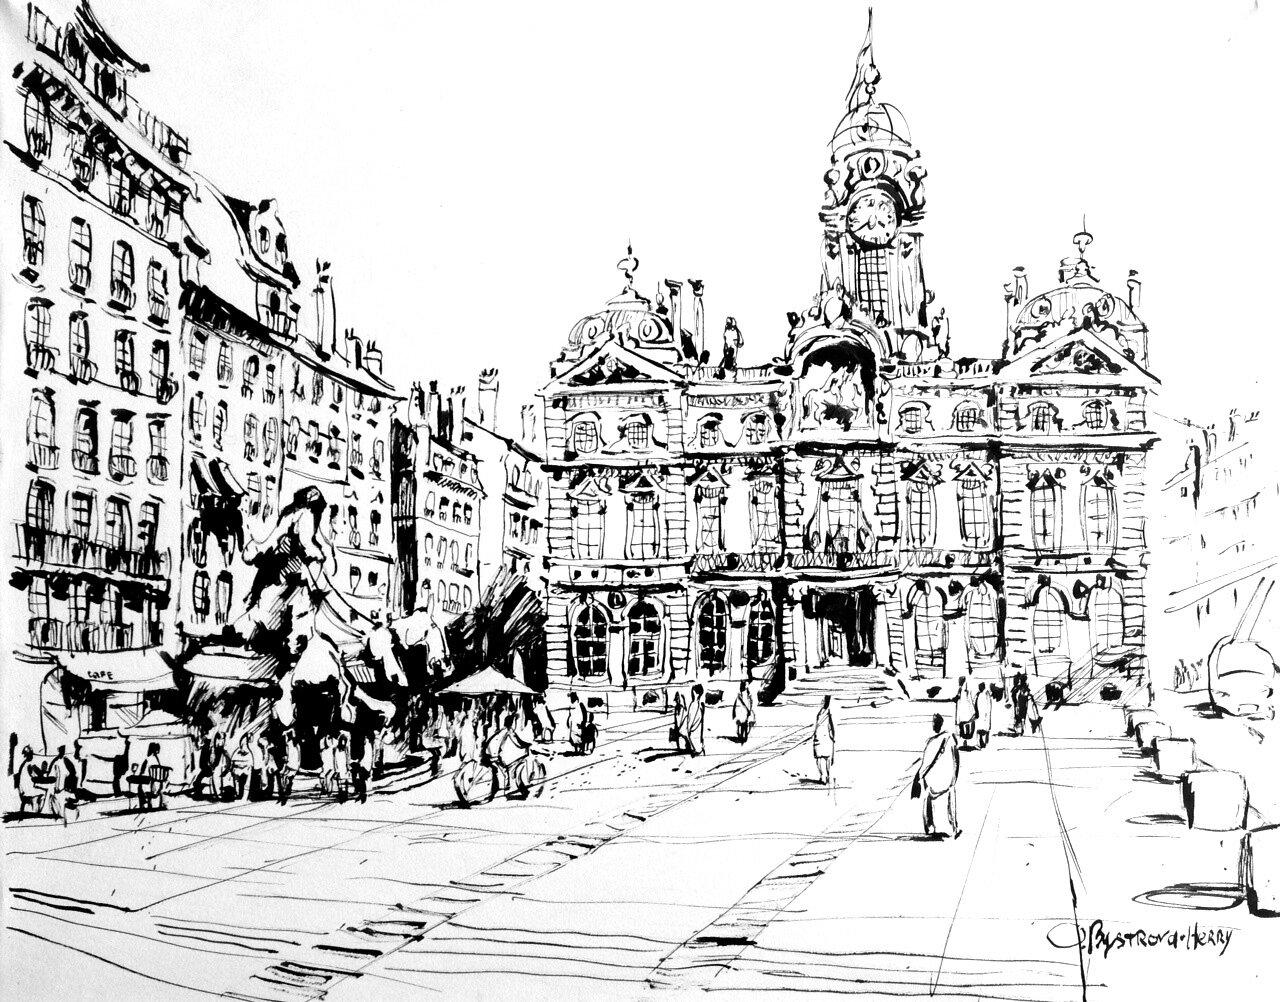 013. Place des Terreaux1.jpg